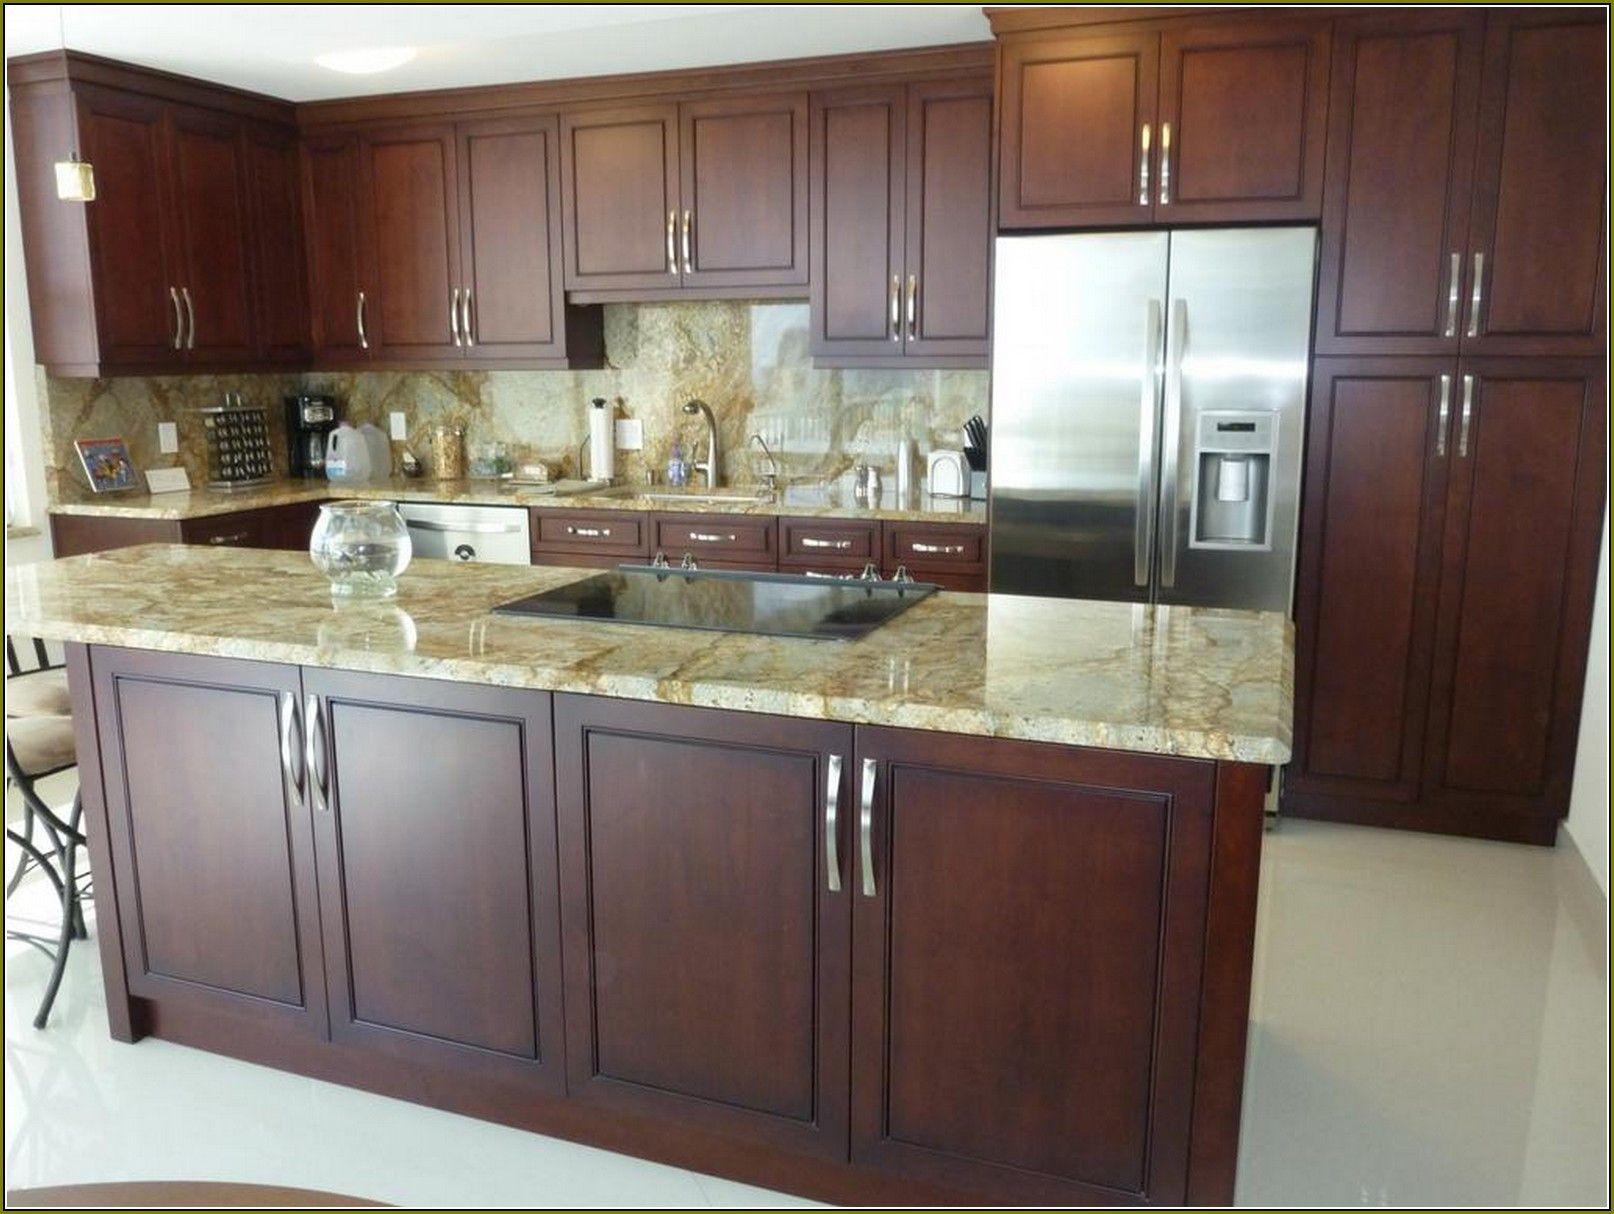 99+ Refacing Supplies Materials Kitchen Floor